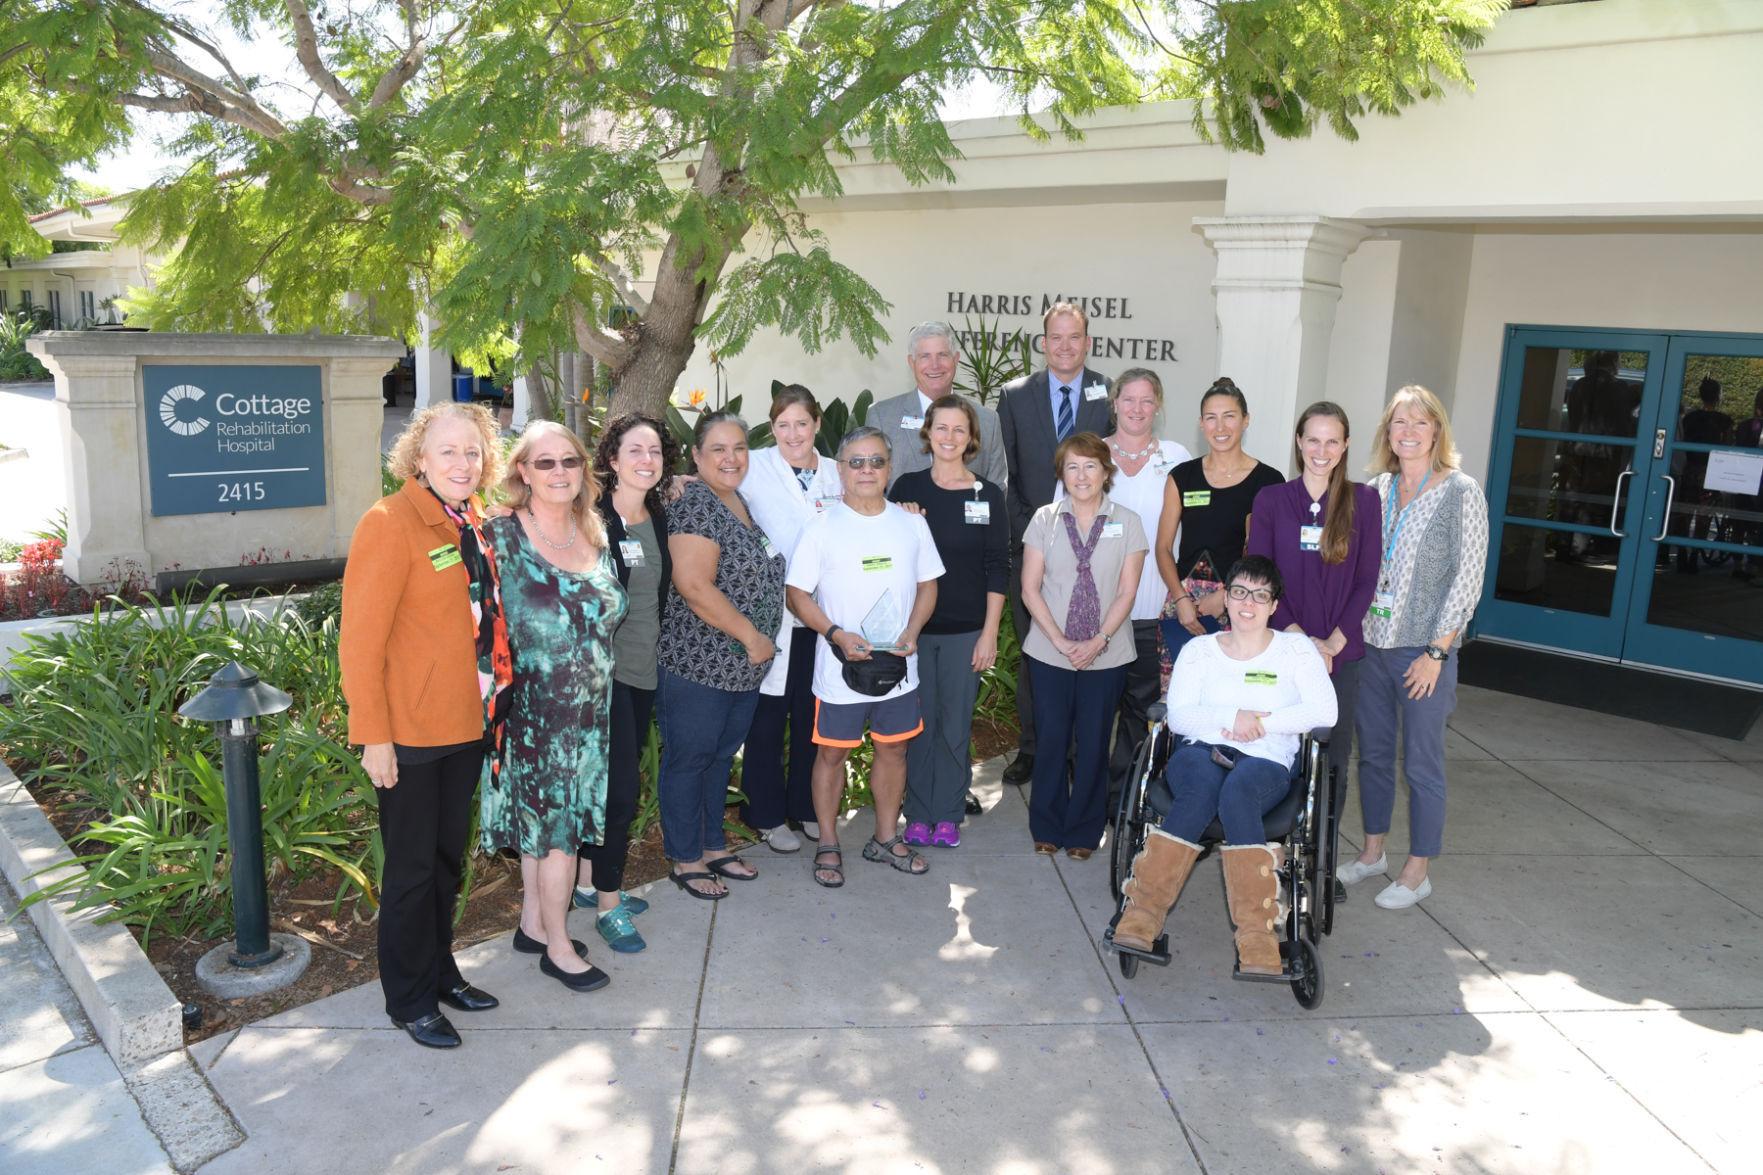 Delightful Cottage Rehabilitation Hospital Celebrates Rehabilitation Awareness Week